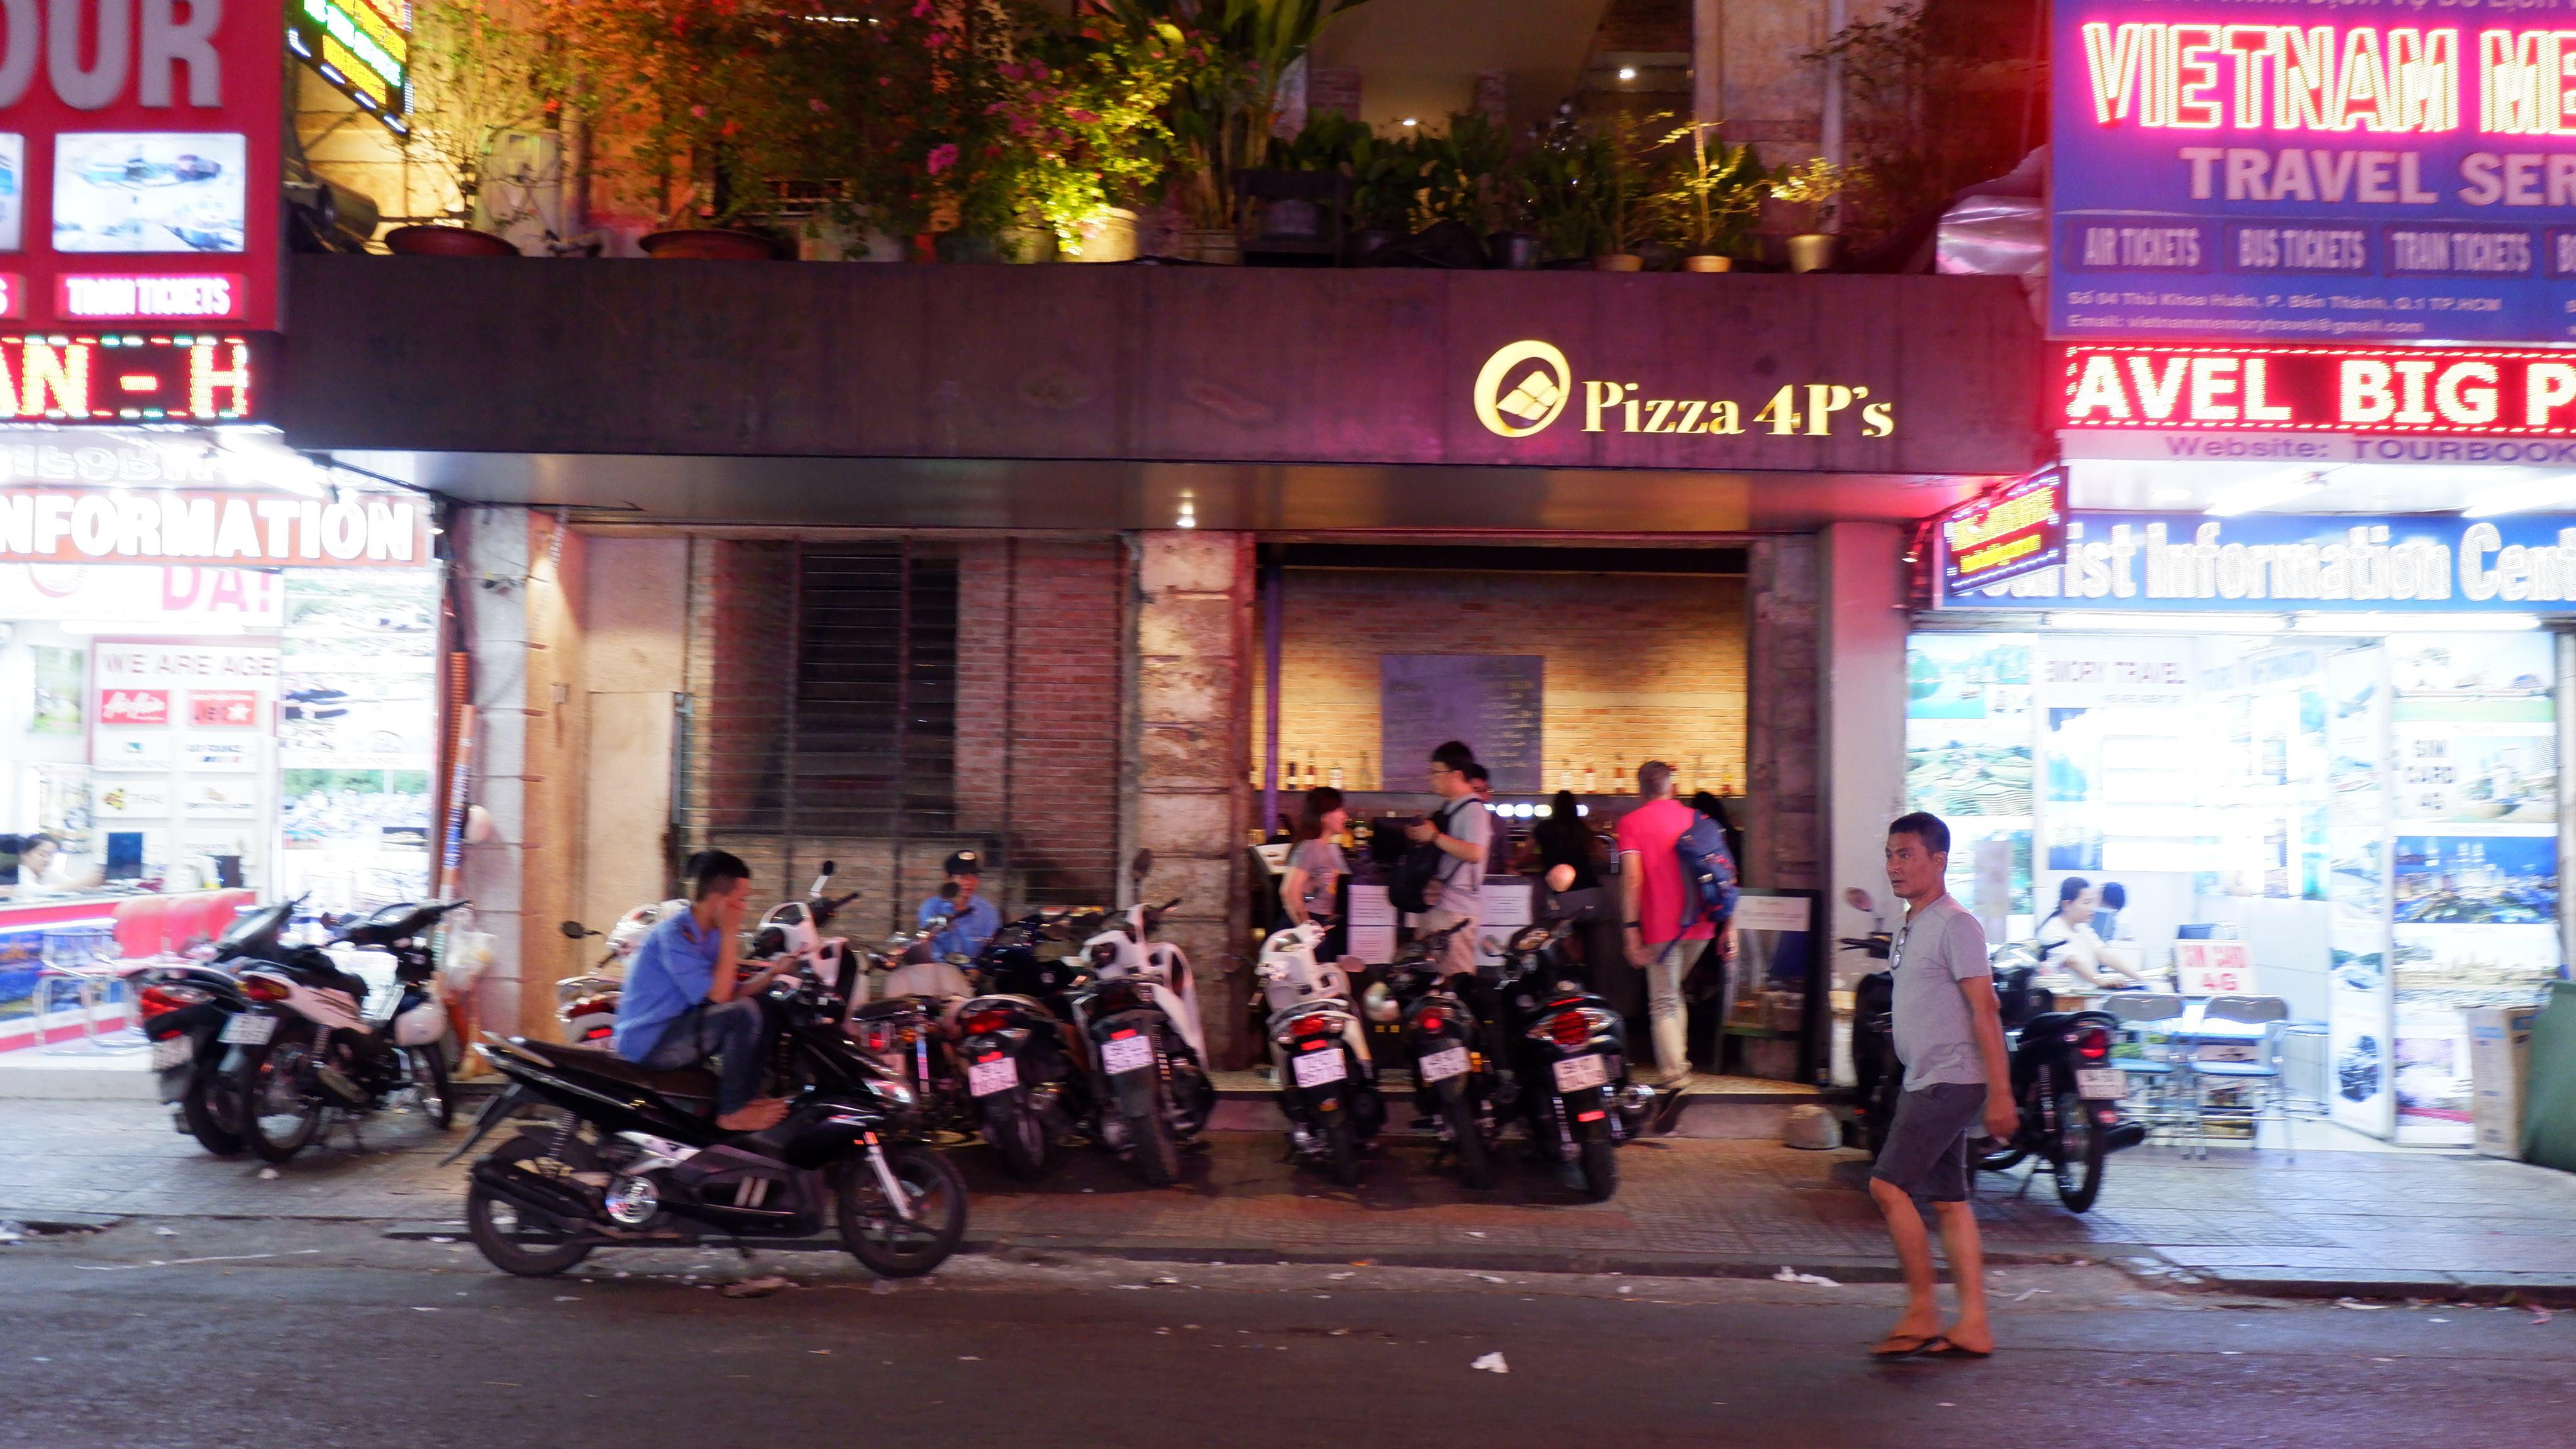 pizza-4ps-vietnam (2)